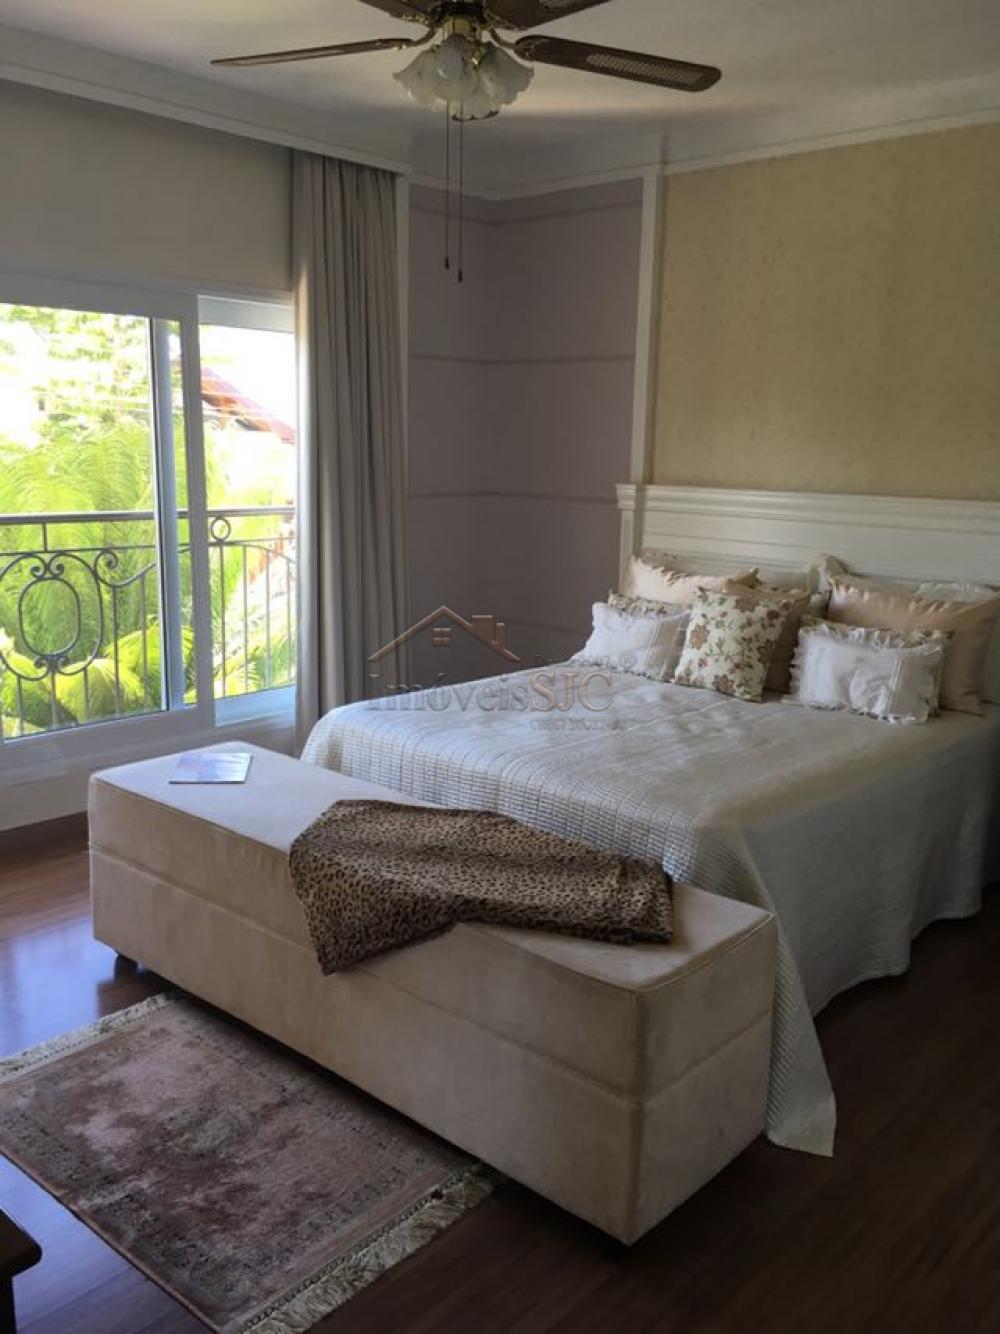 Comprar Casas / Condomínio em Jacareí apenas R$ 3.180.000,00 - Foto 6